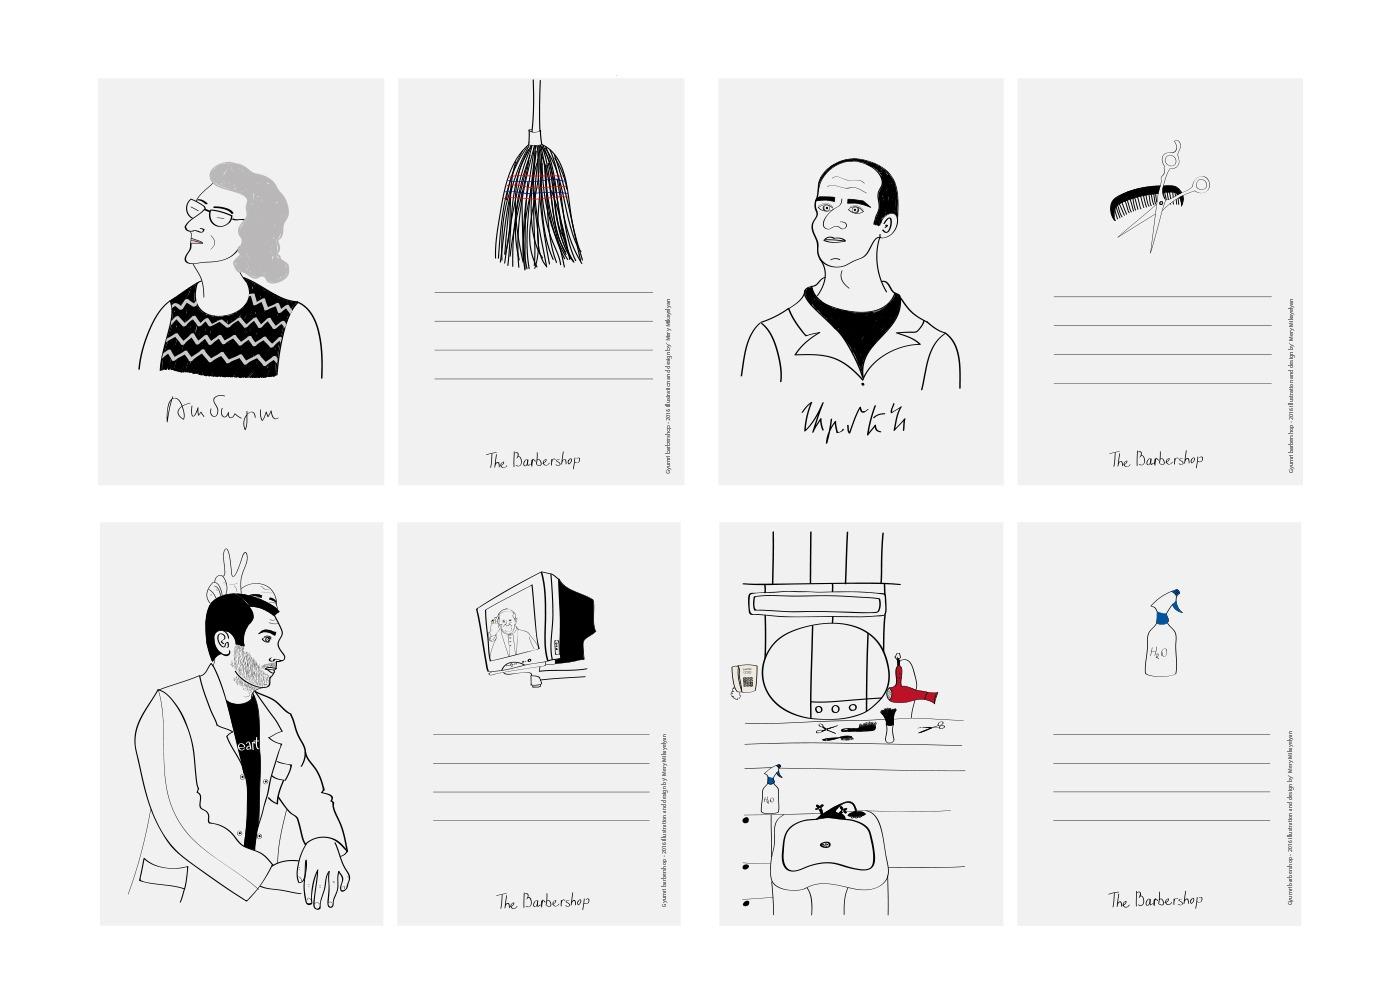 SalimArtboard 10 - Storytelling through Illustration with Salim Azzam